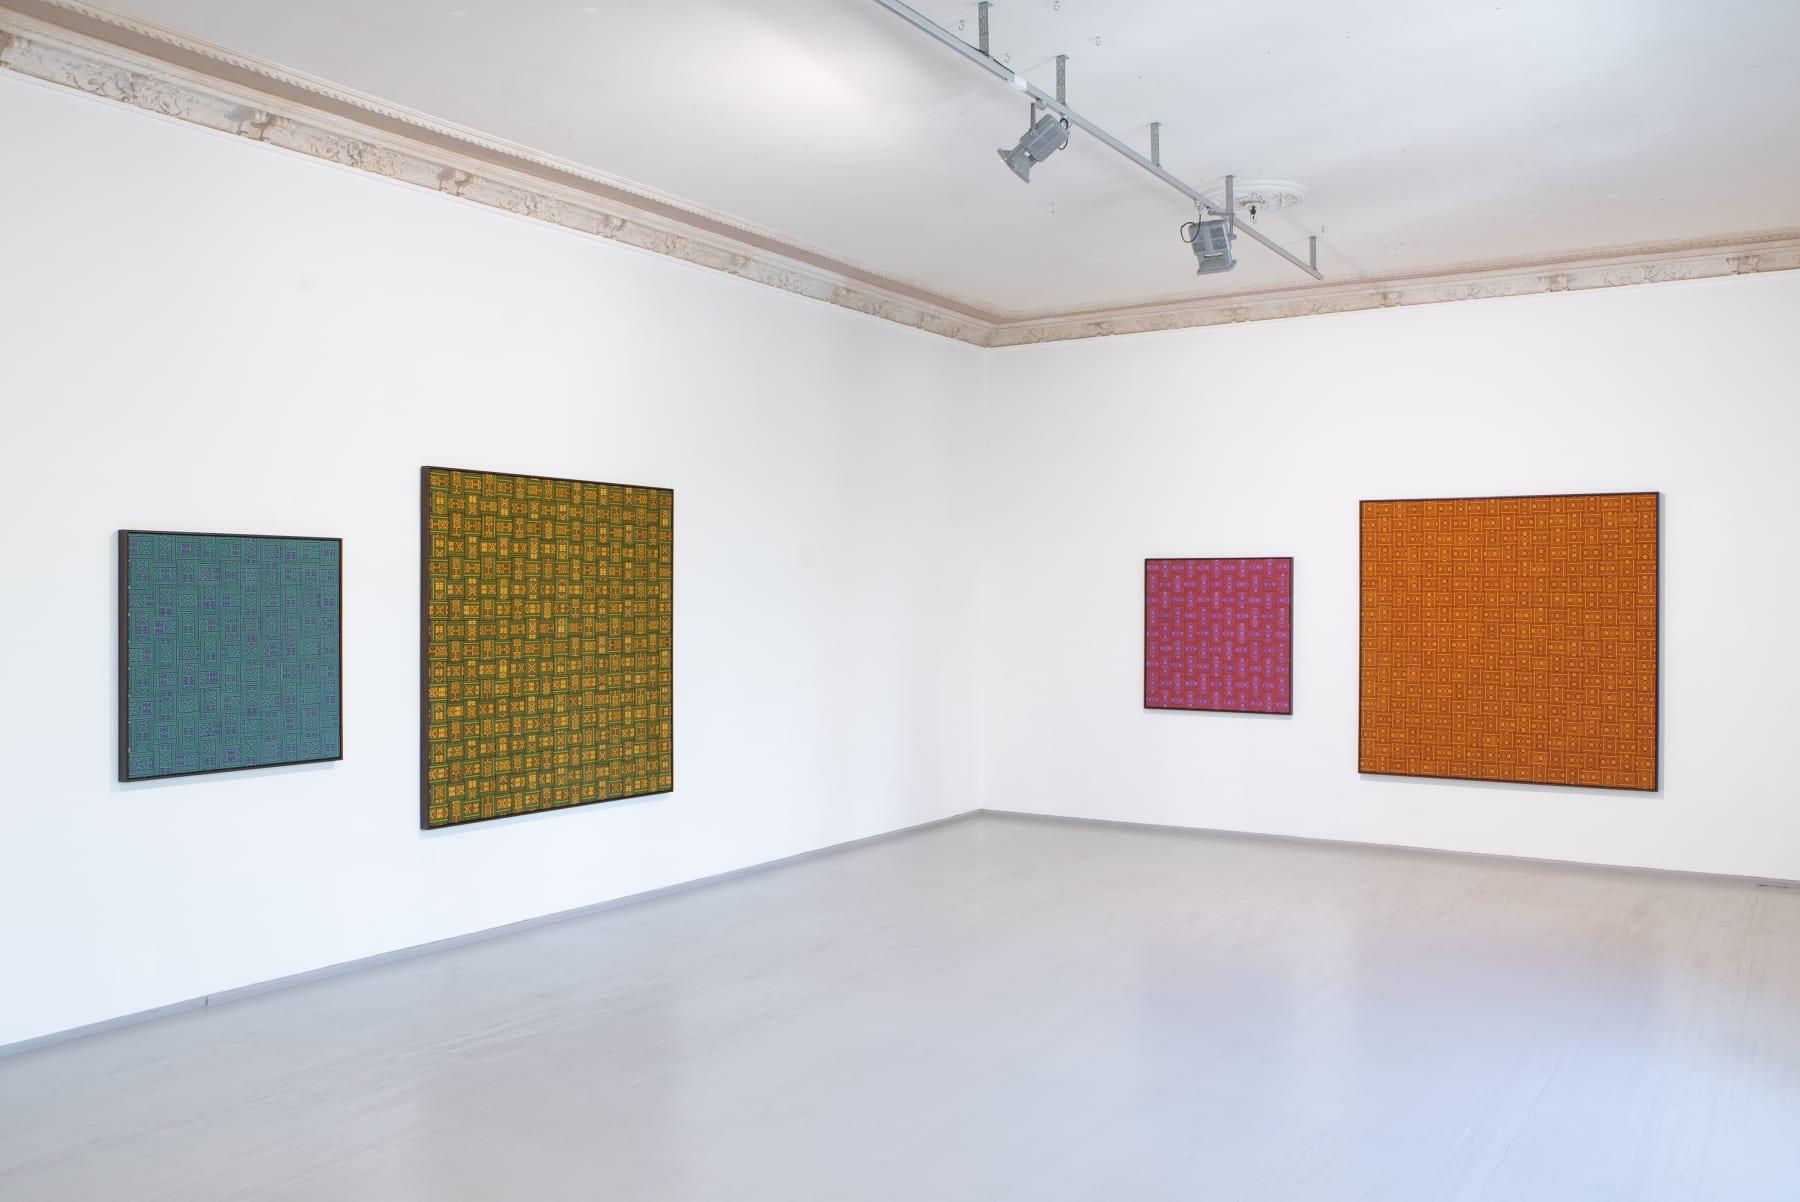 Galerija Vartai, 2019 Installation shot from Indrė Šerpytytė's solo exhibition